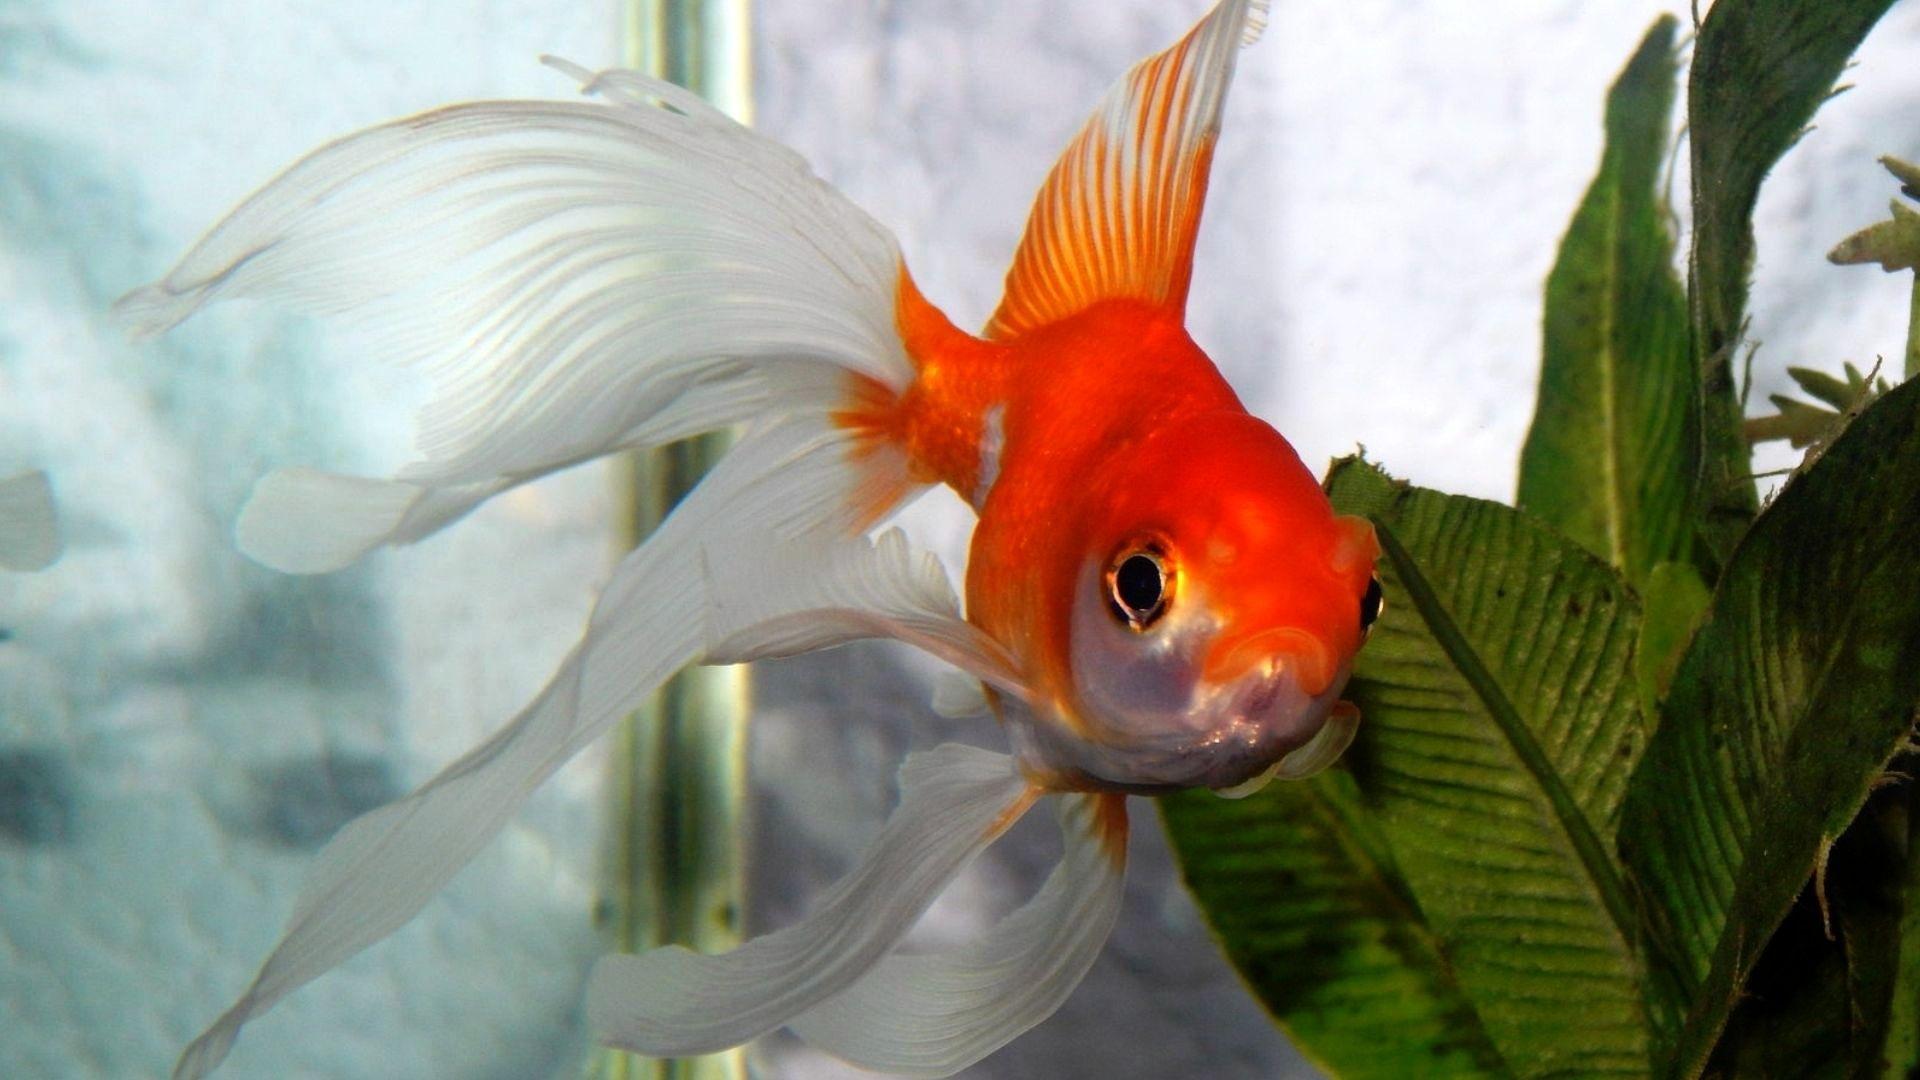 Золотые рыбки объявлены врагами природы. рыбка